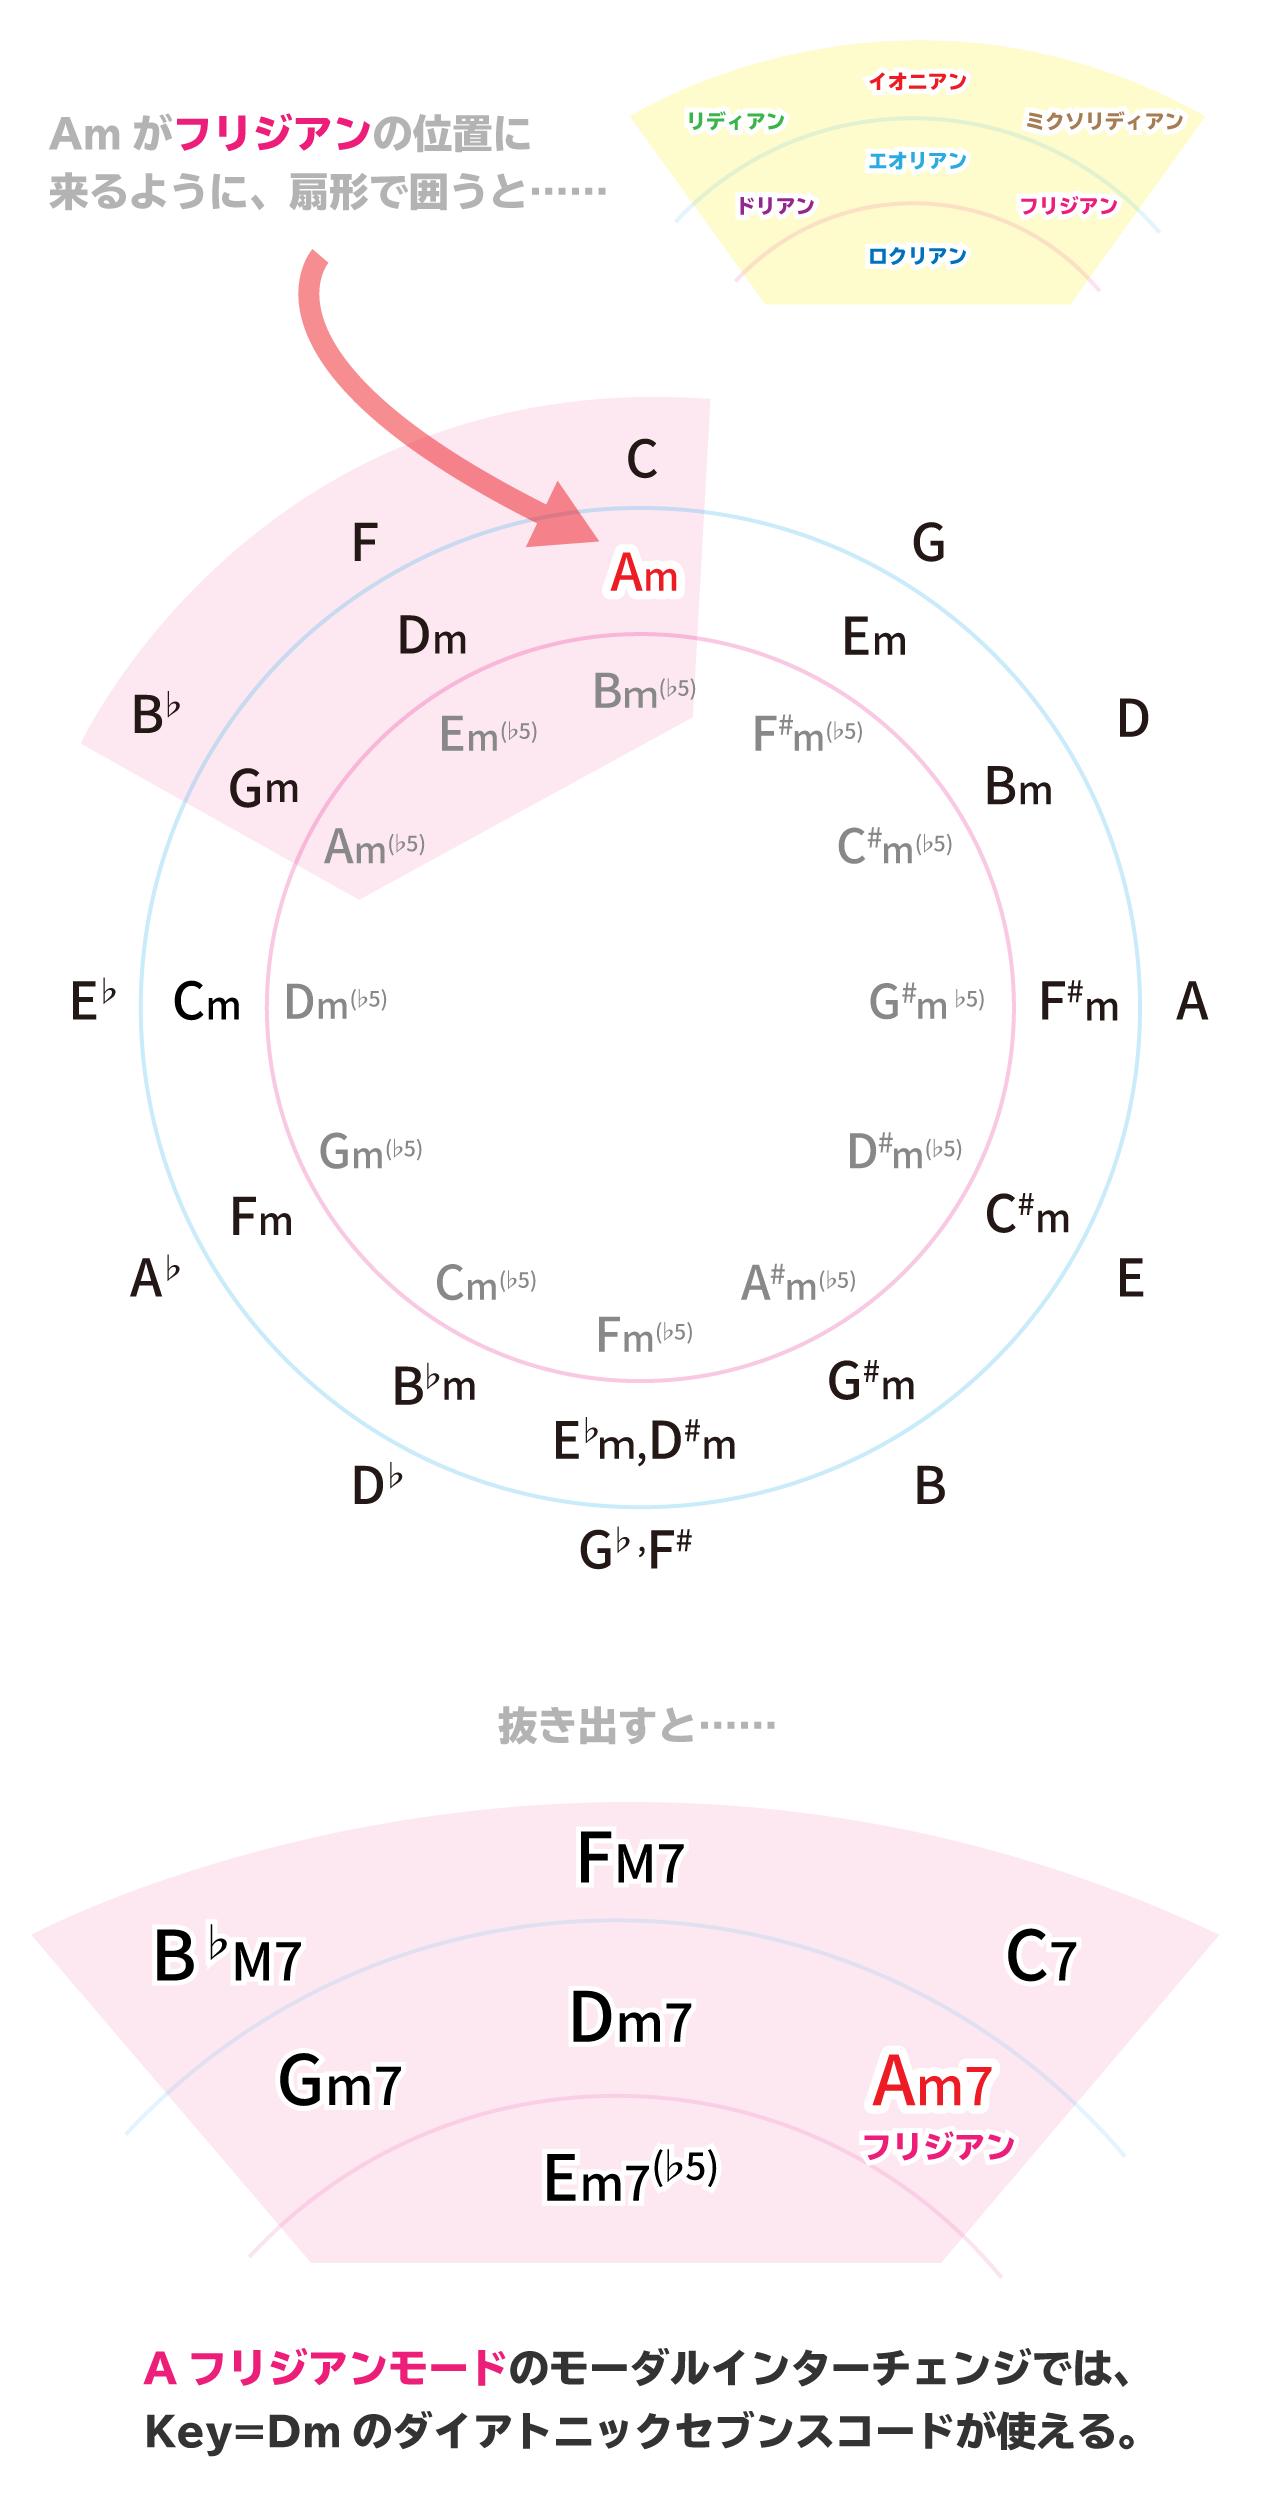 Aフリジアンモードで使えるコードの解説図